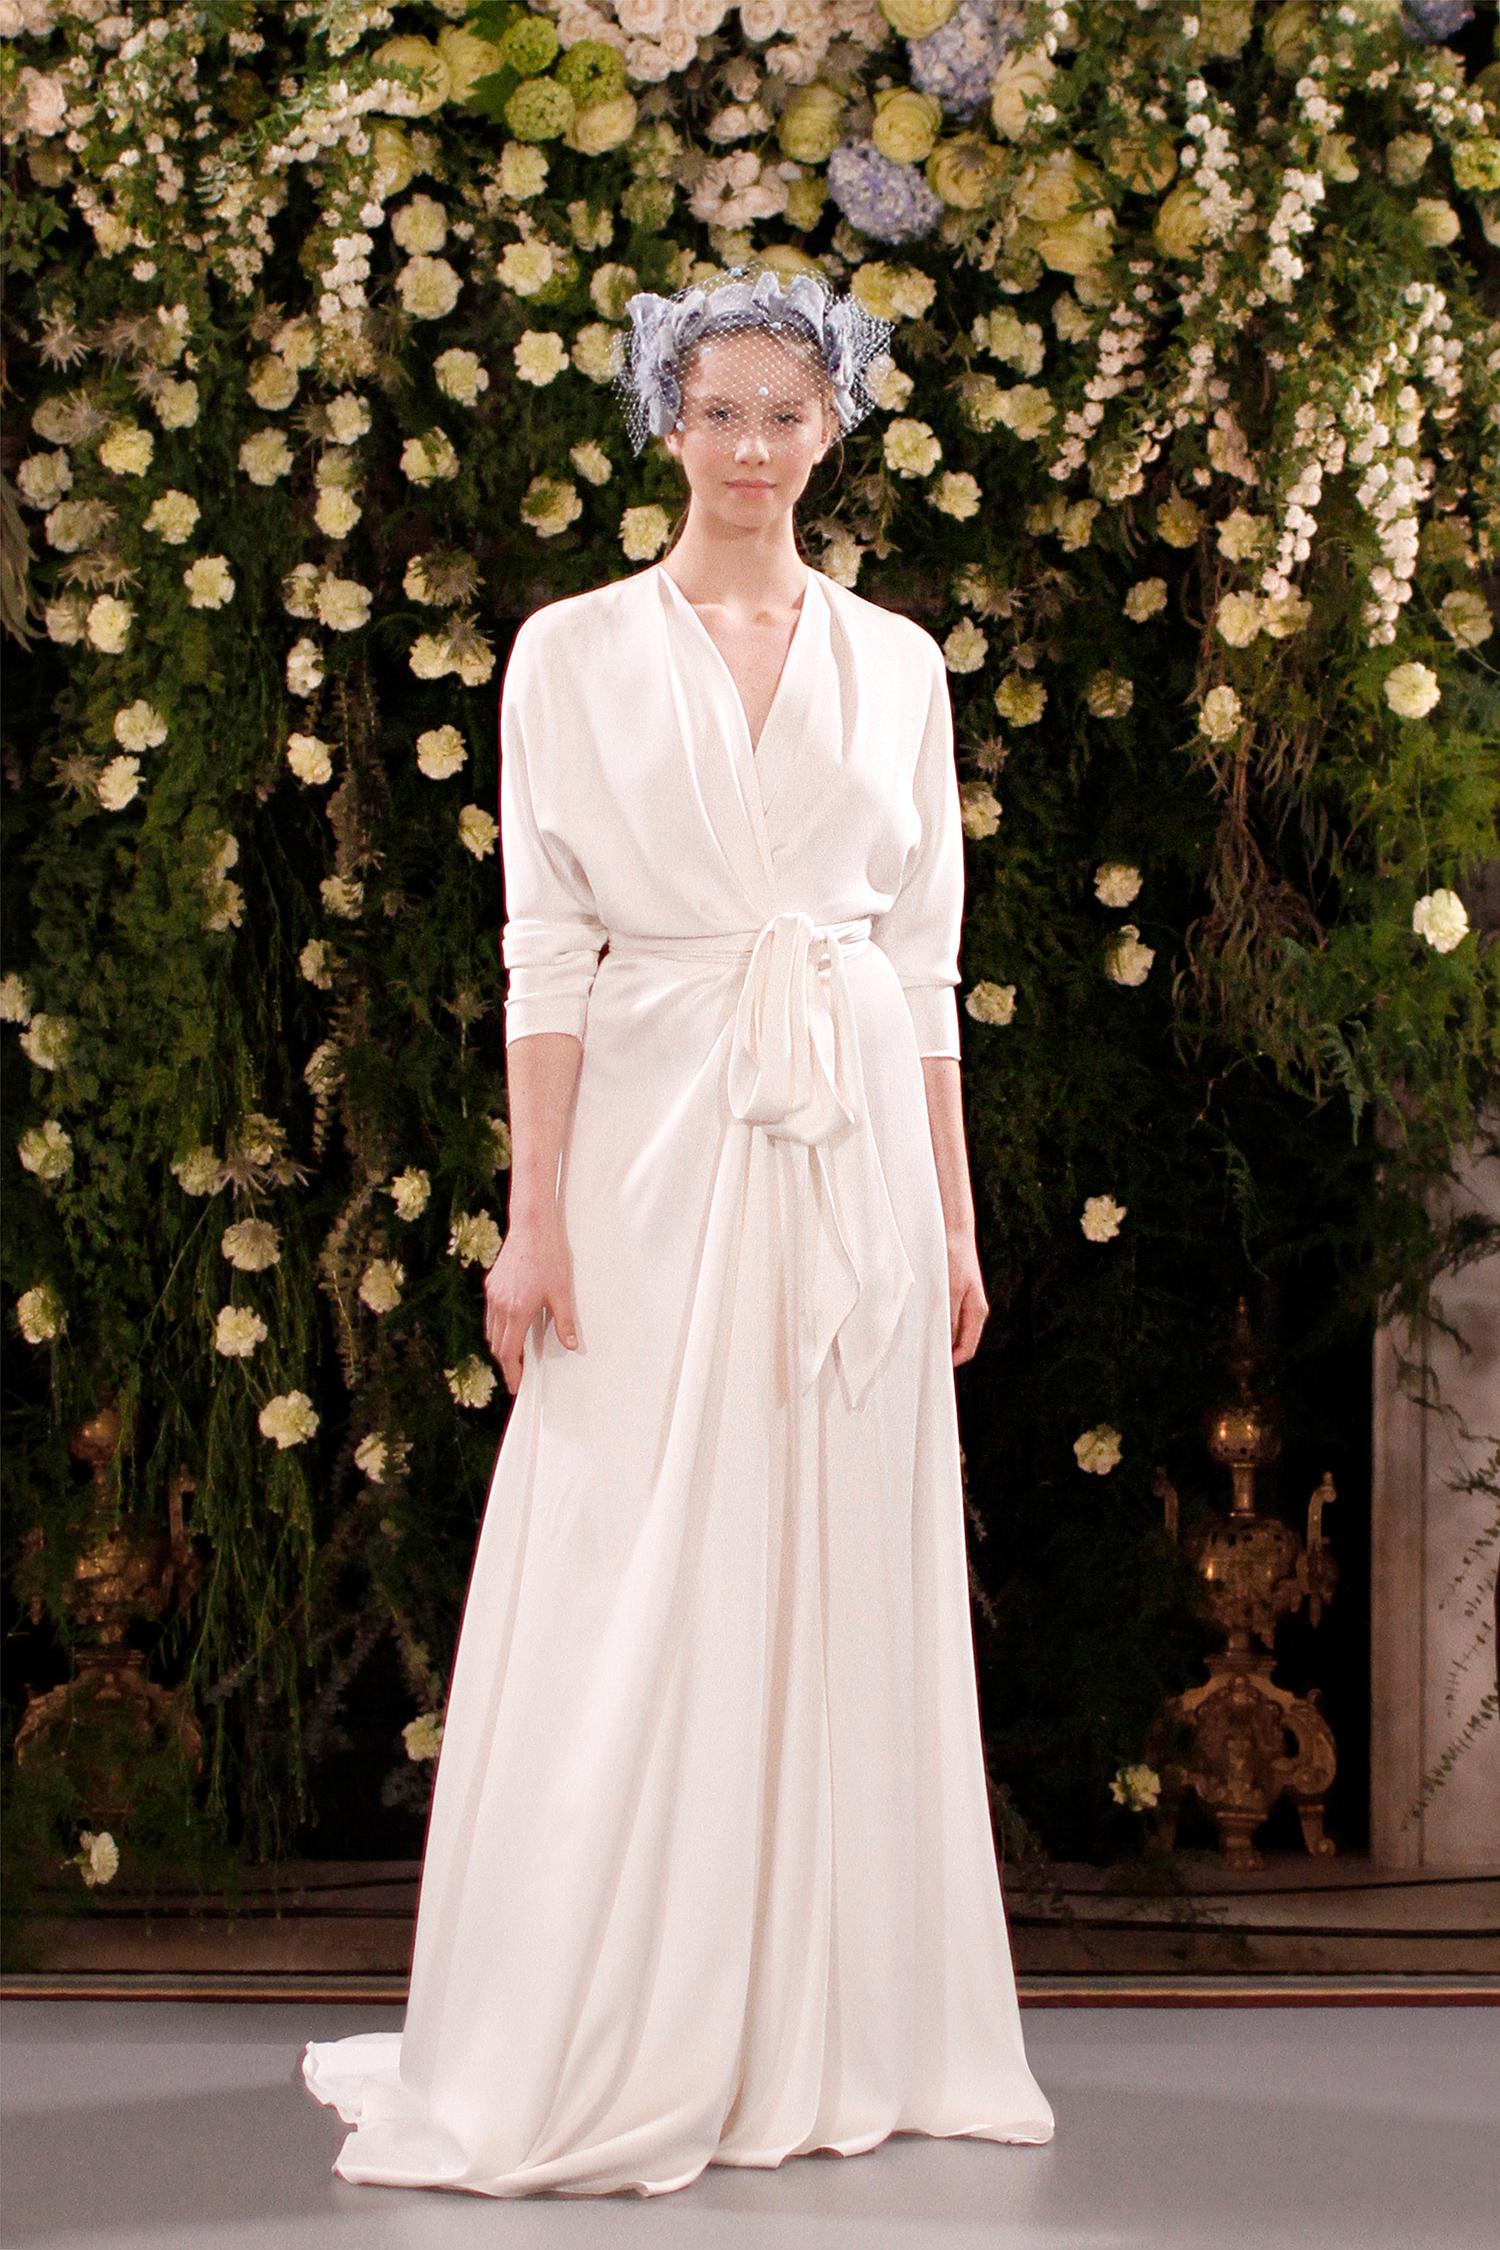 jenny packham wedding dress spring 2019 long-sleeved wrap with sash